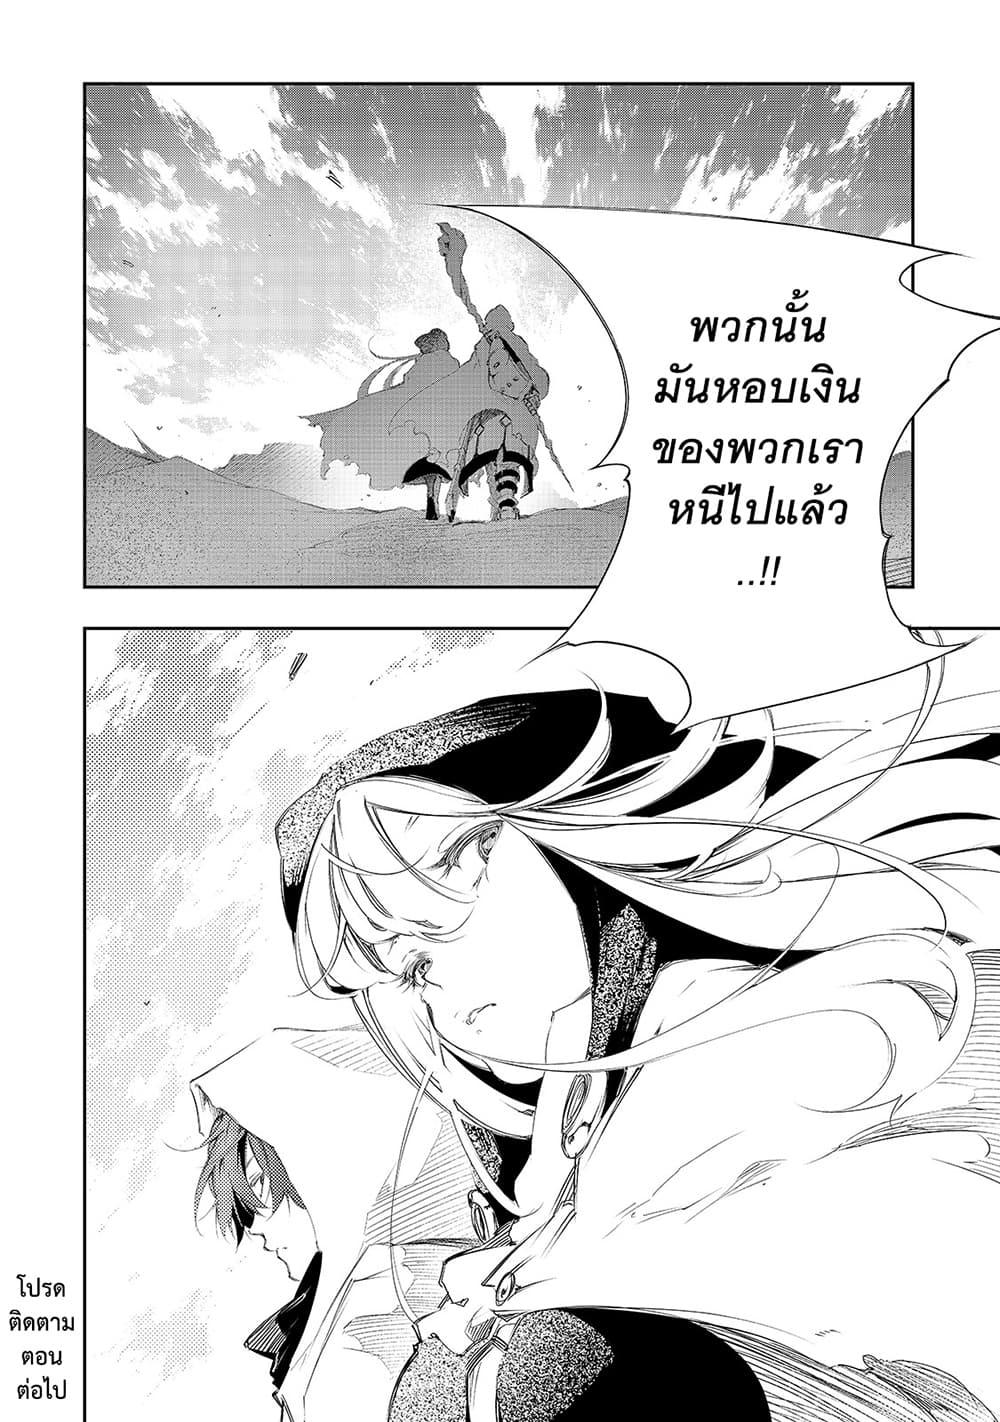 อ่านการ์ตูน Saikyou no Shien-shoku Wajutsushi Dearu Ore wa Sekai Saikyou Kuran o Shitagaeru ตอนที่ 4 หน้าที่ 20